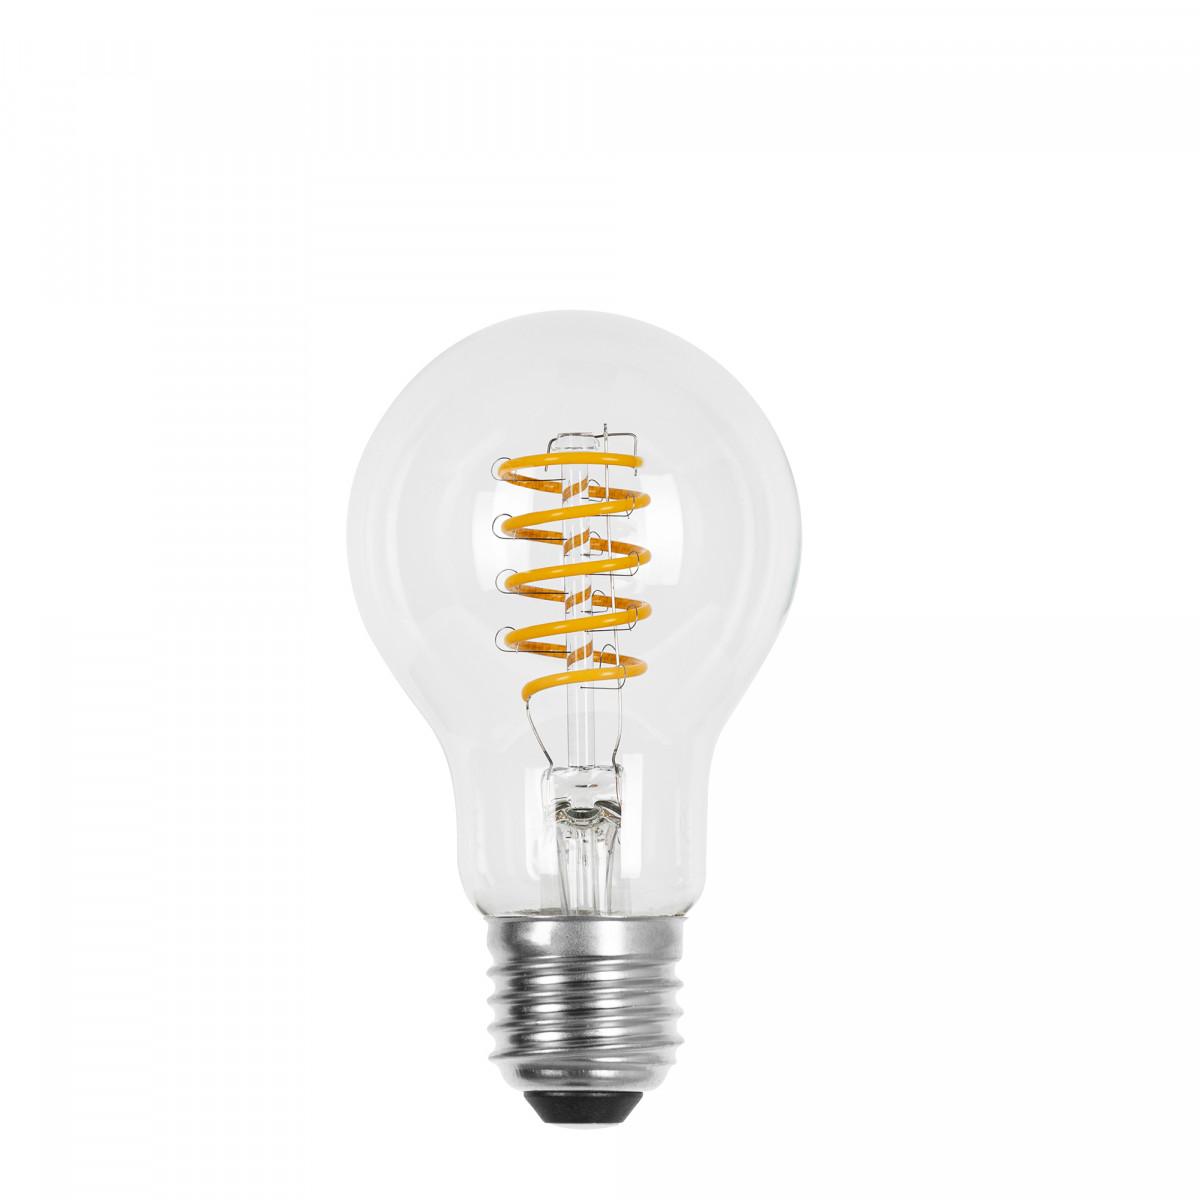 LED lichtbron incl. dag/nachtsensor (5897-LED) - KS Verlichting - Losse Sensoren en Bewegingsmelders